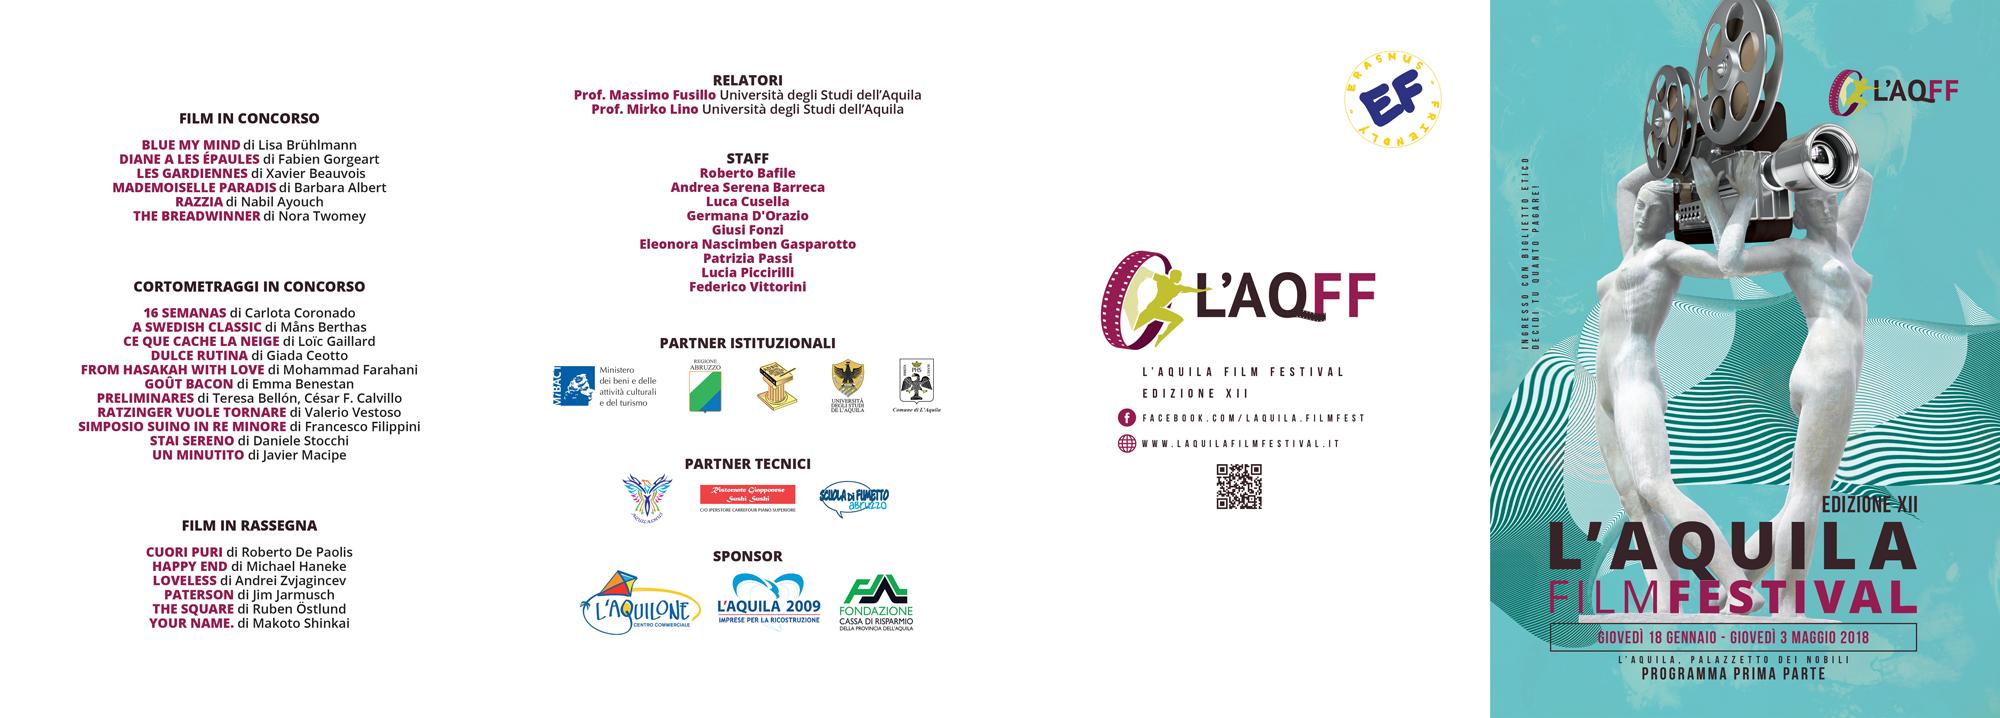 laqff-programma-prima-parte-2018-fronte-hq